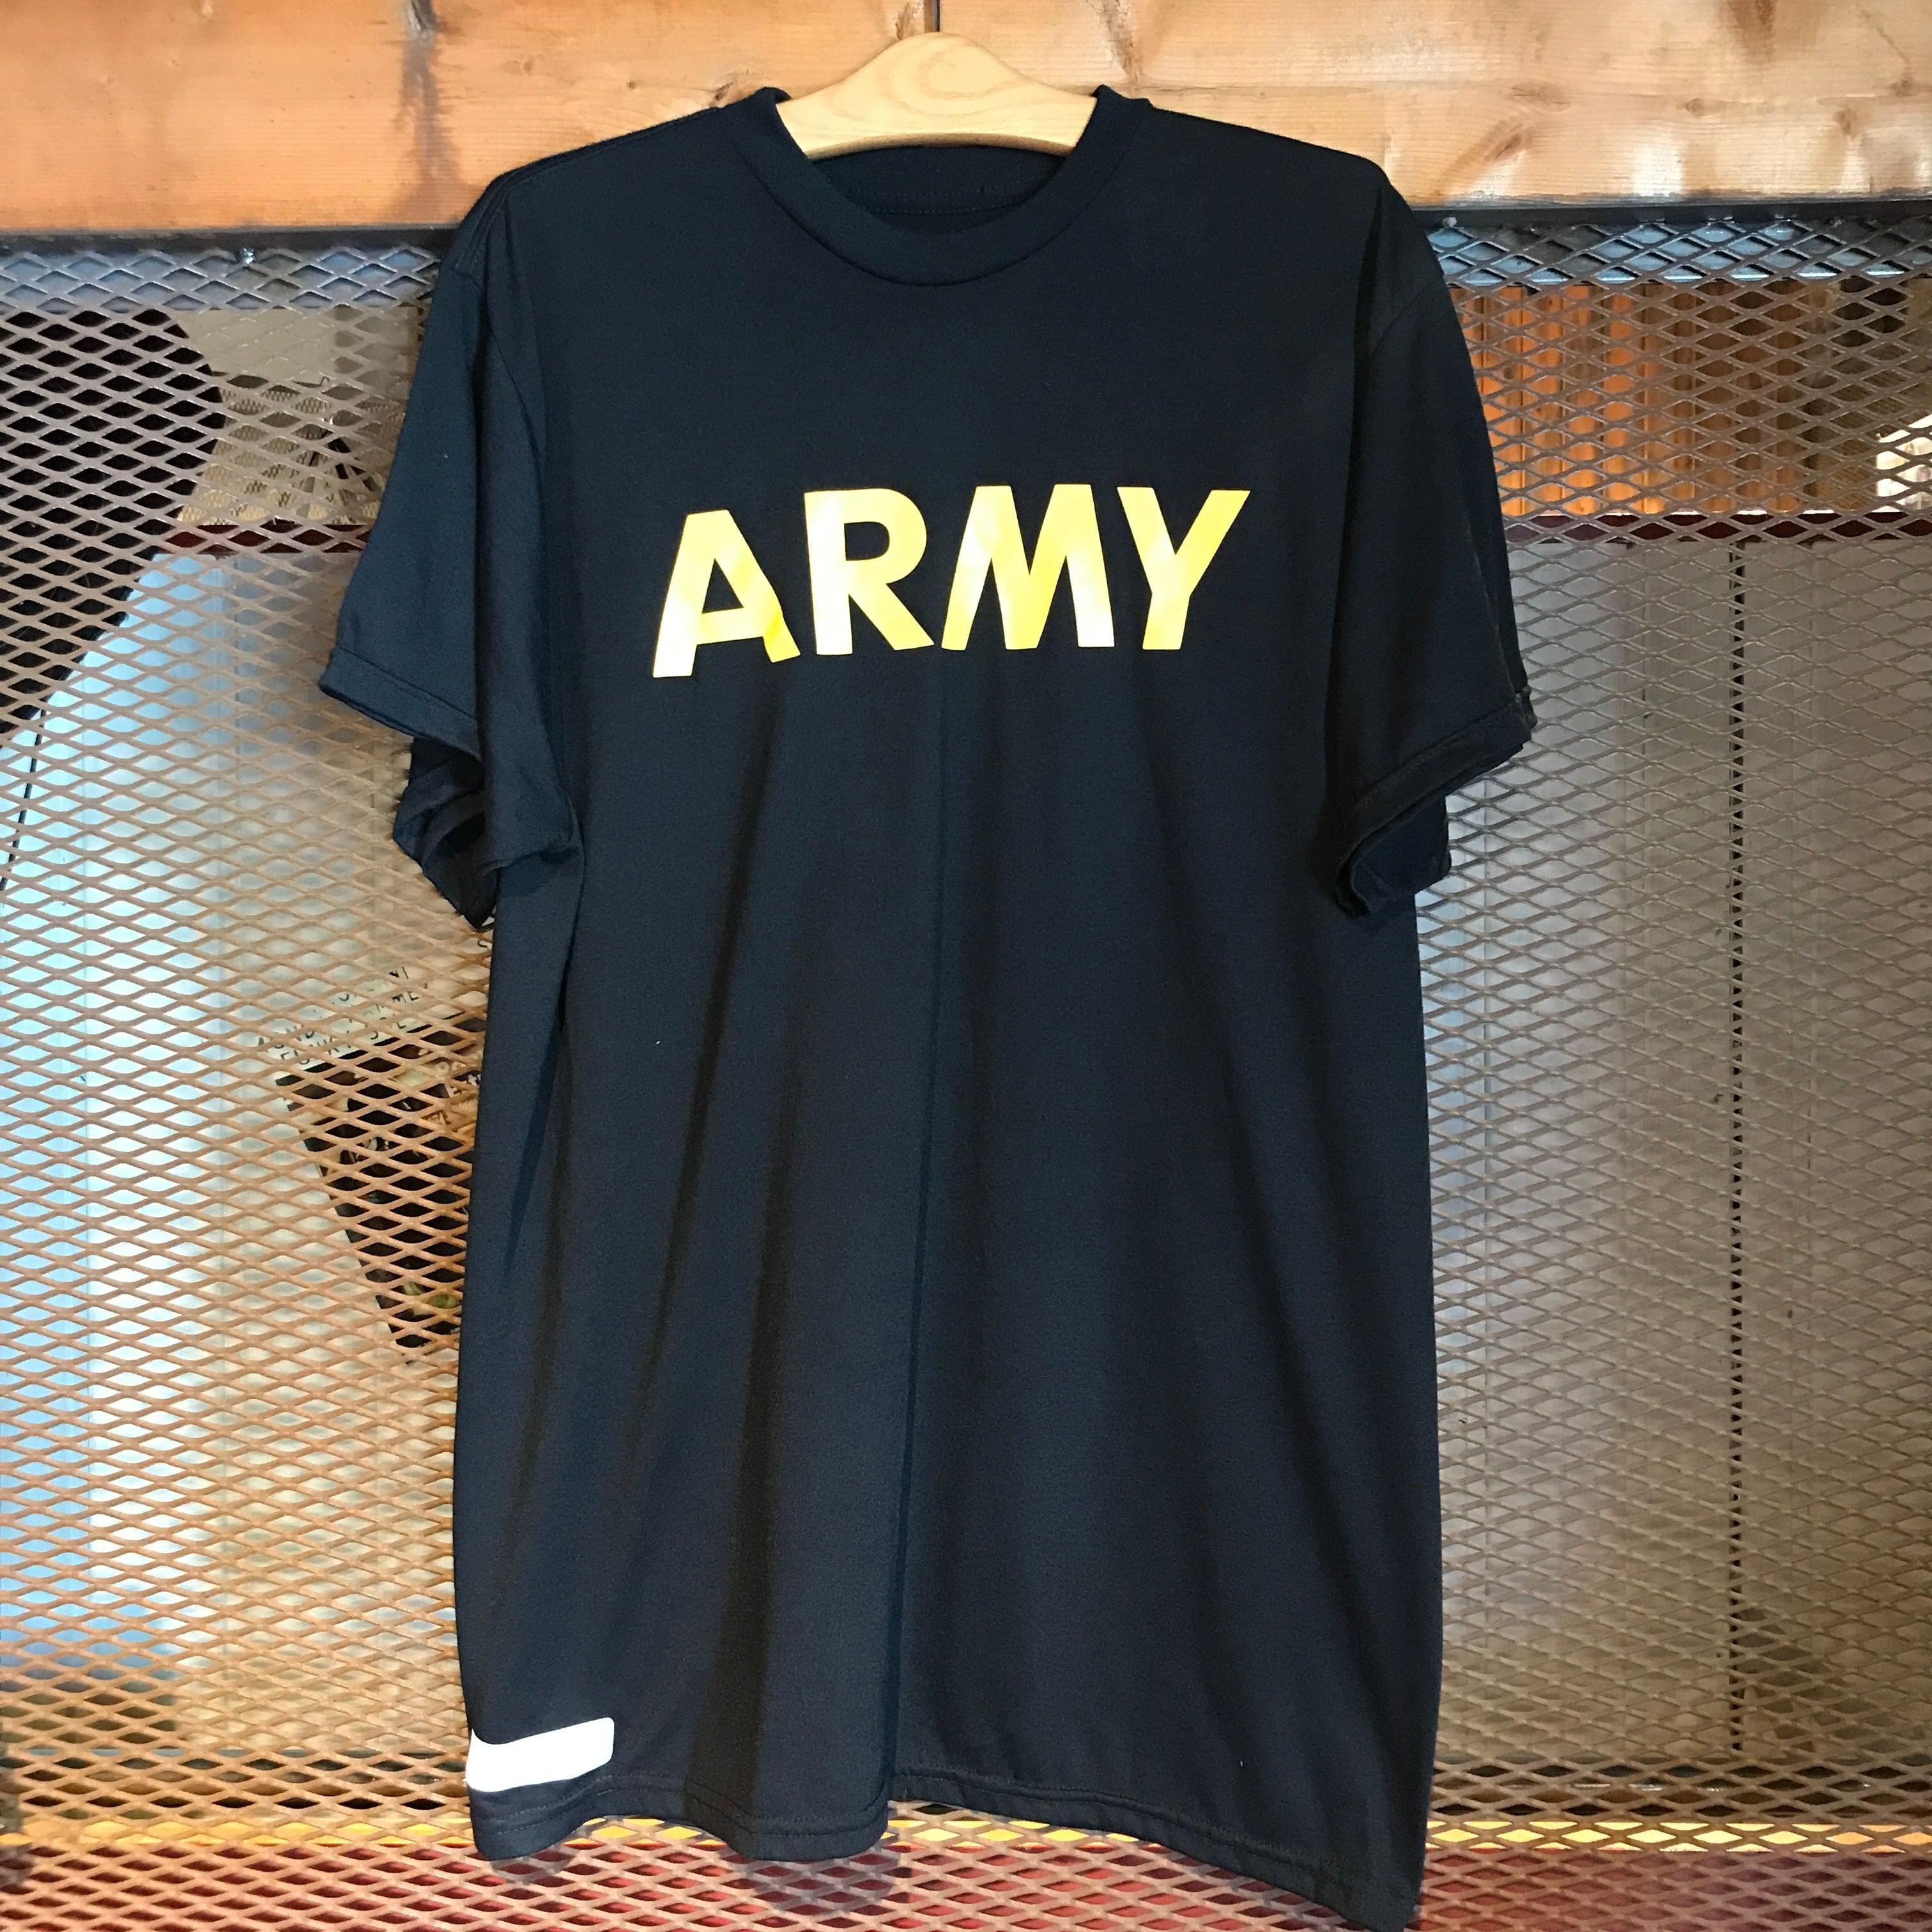 【Used】ARMY Tee (Black)